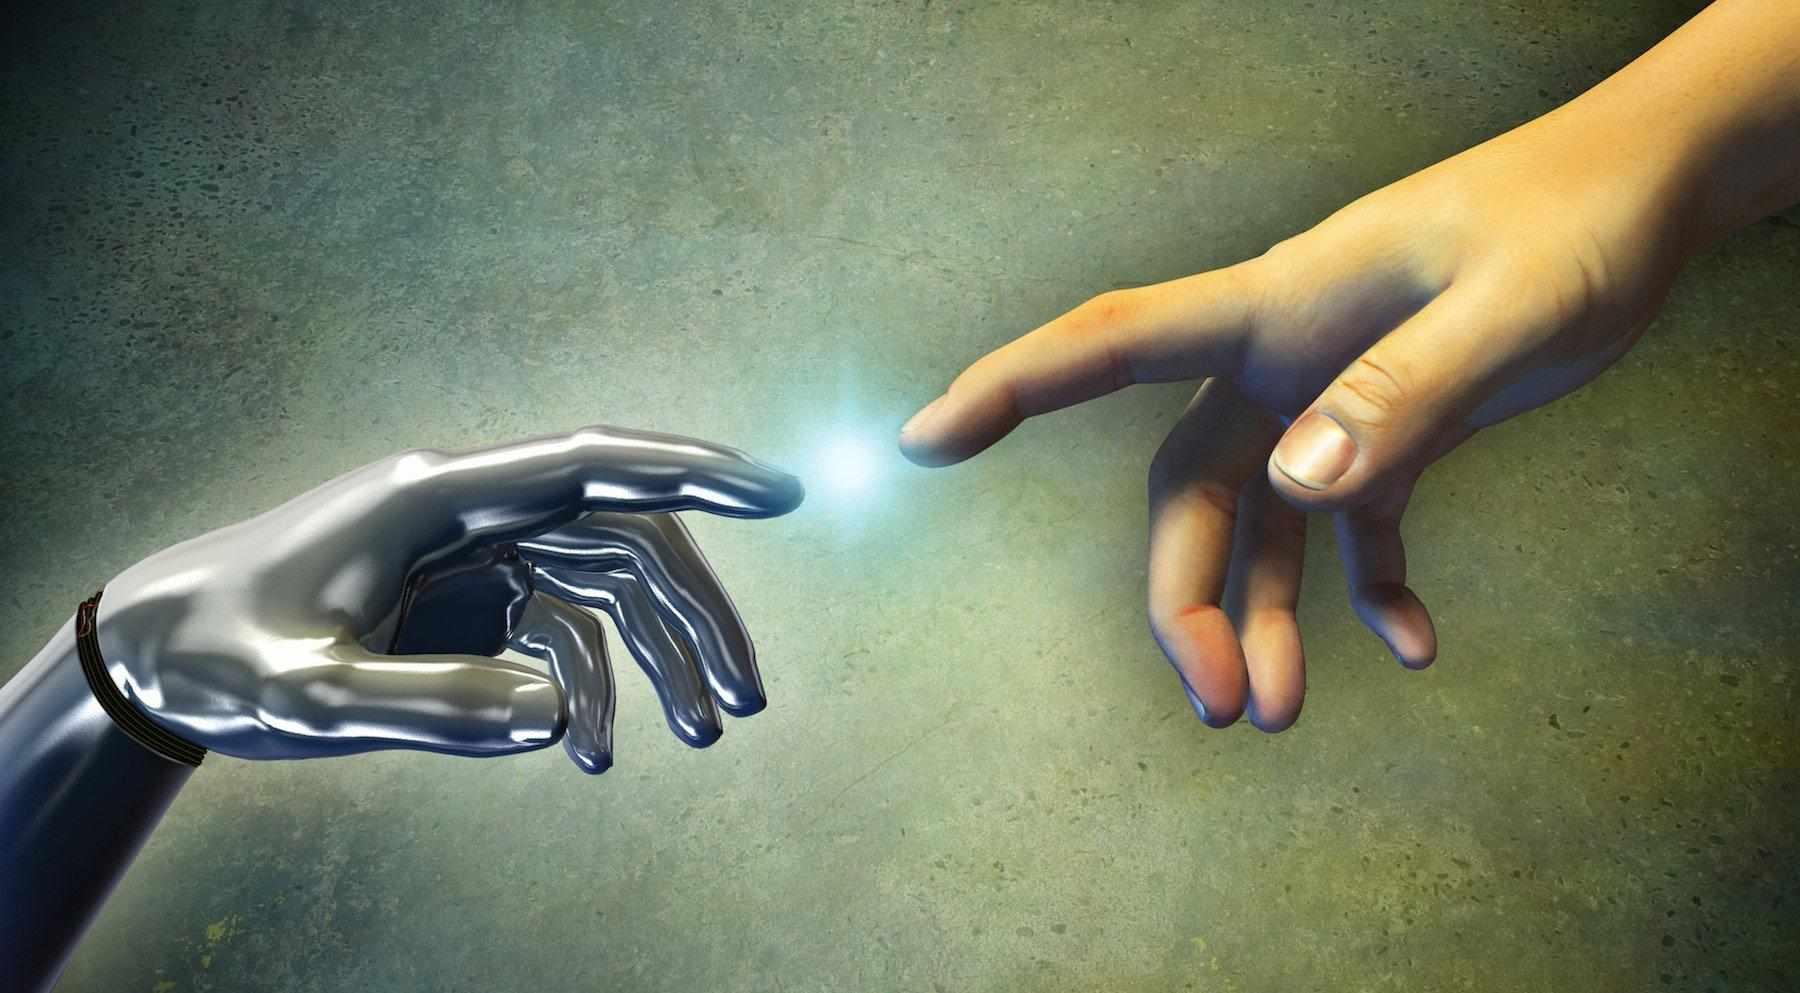 Vogliono fondare una religione basata sull'Intelligenza Artificiale. E ce lo meritiamo!